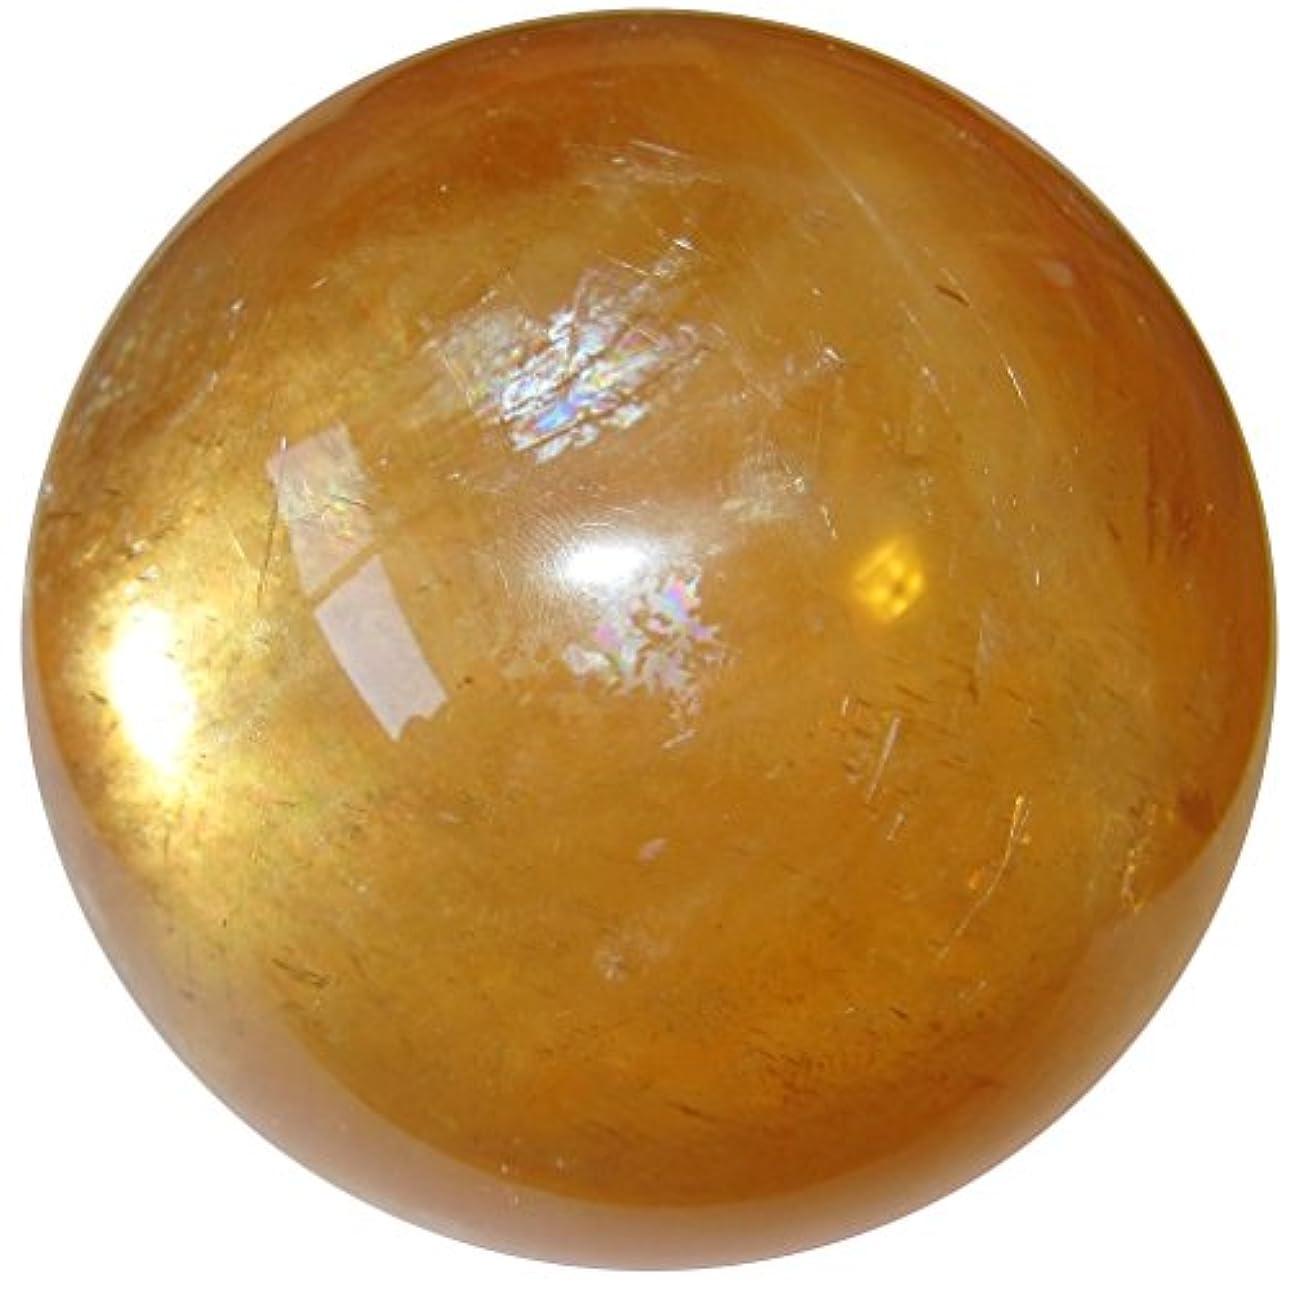 パンダ上に生き返らせるCalciteオレンジボール3.4